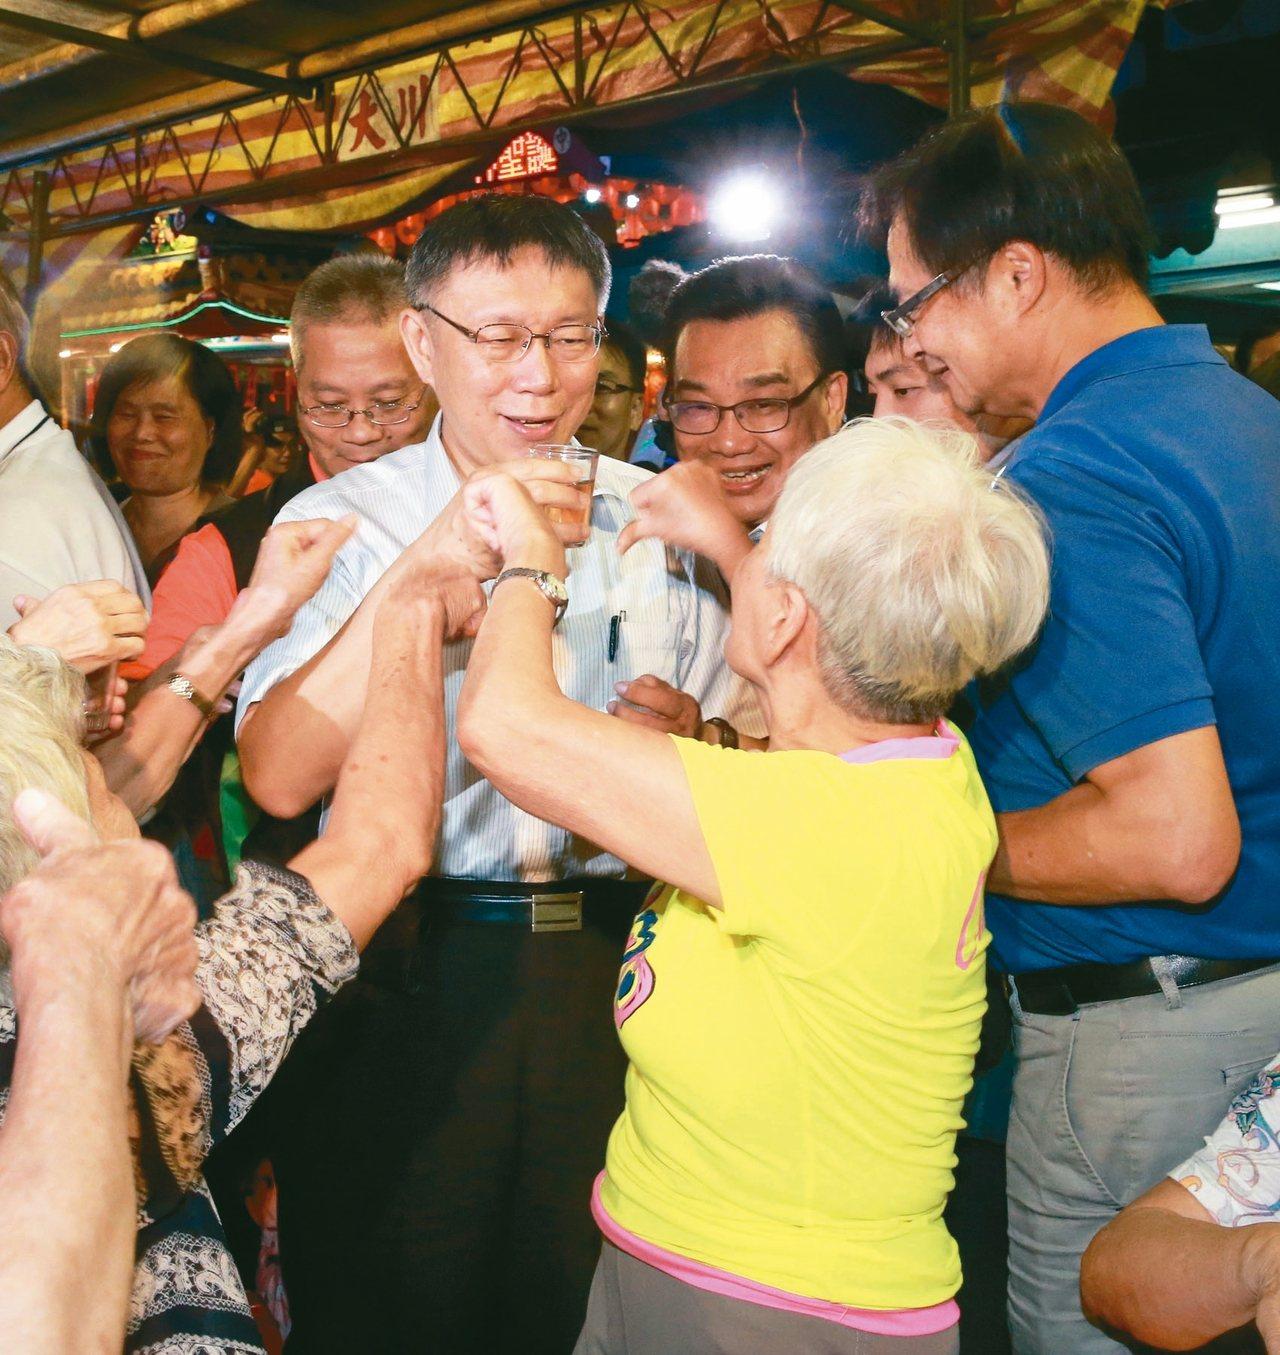 台北市長柯文哲去年出席餐會活動時,一位陳阿媽當面給柯市長喝倒彩,表達不滿取消重陽...